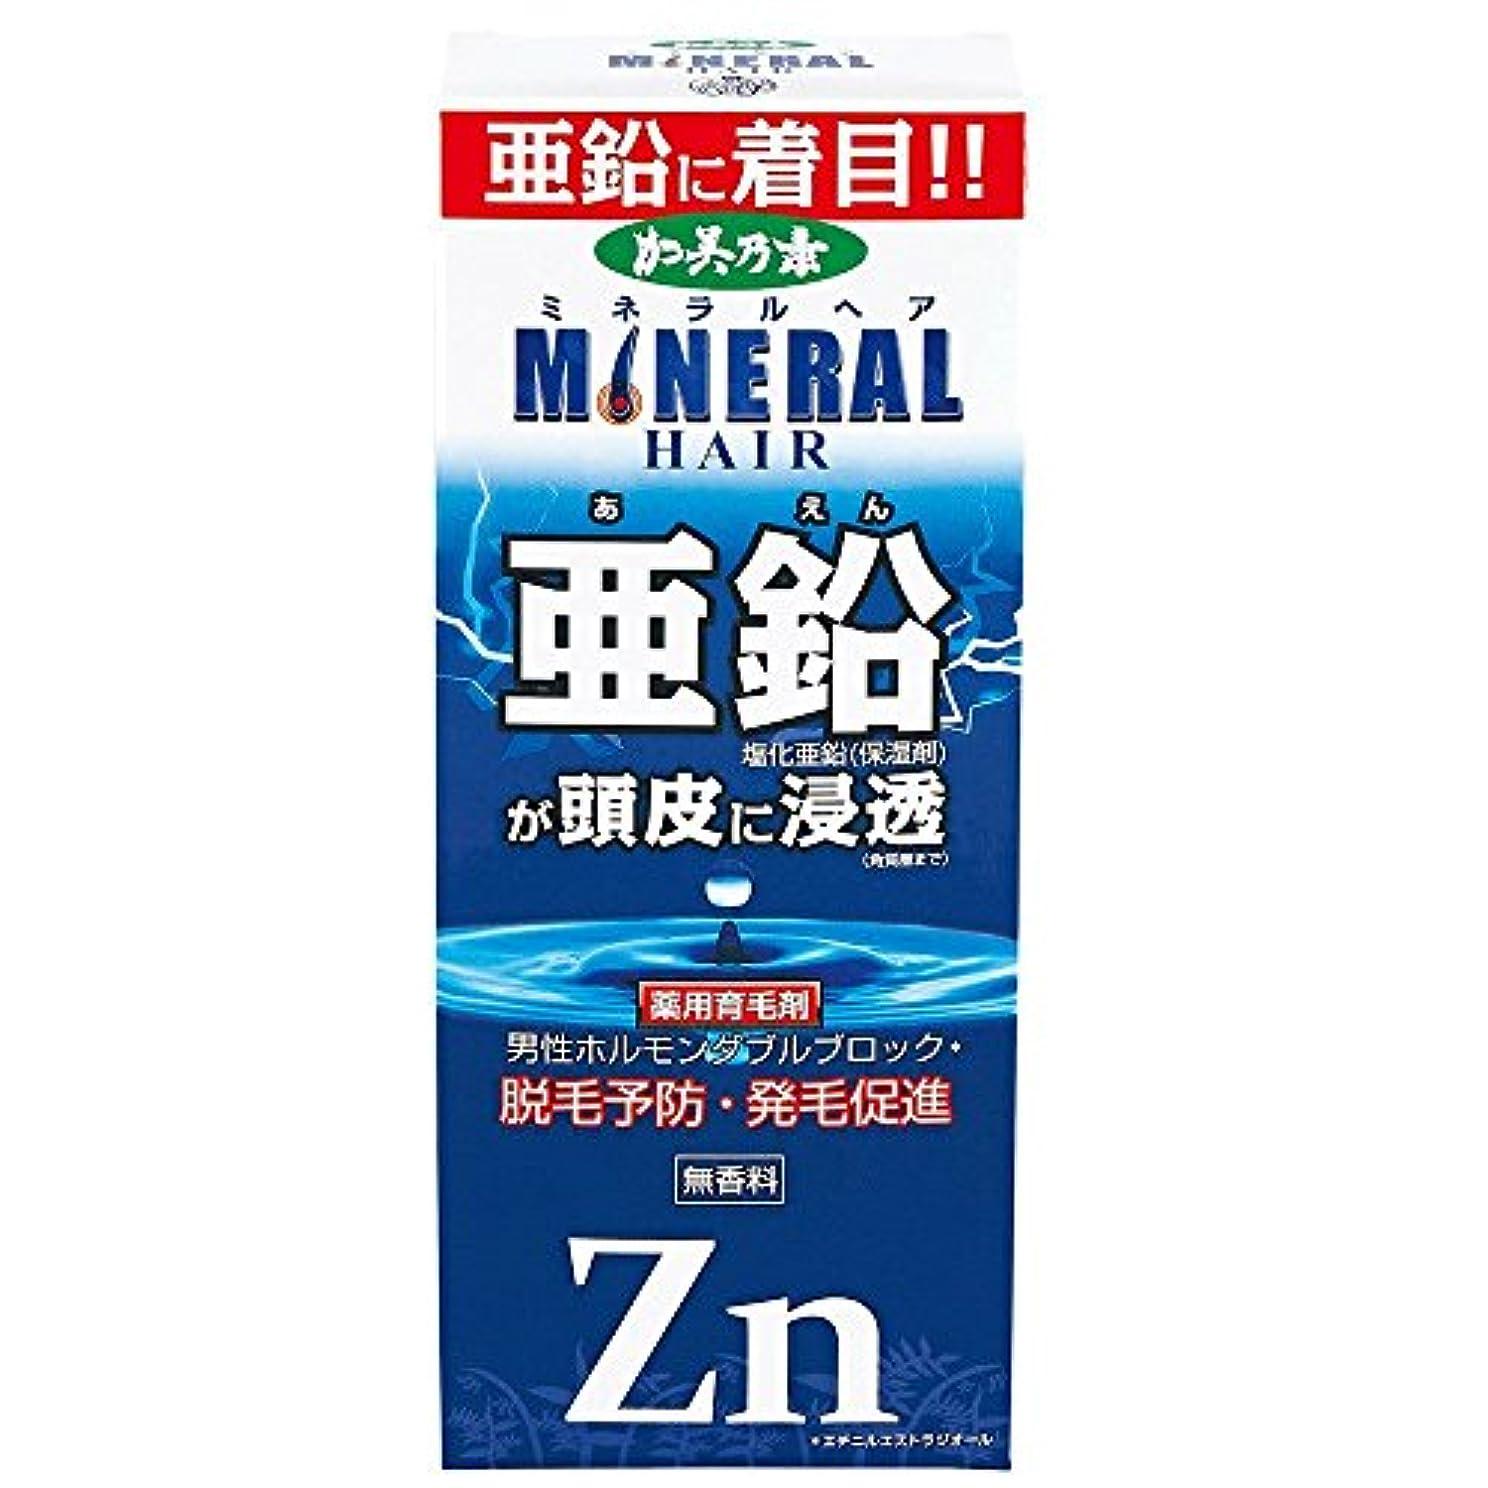 薬用加美乃素 ミネラルヘア 育毛剤 180mL×6個